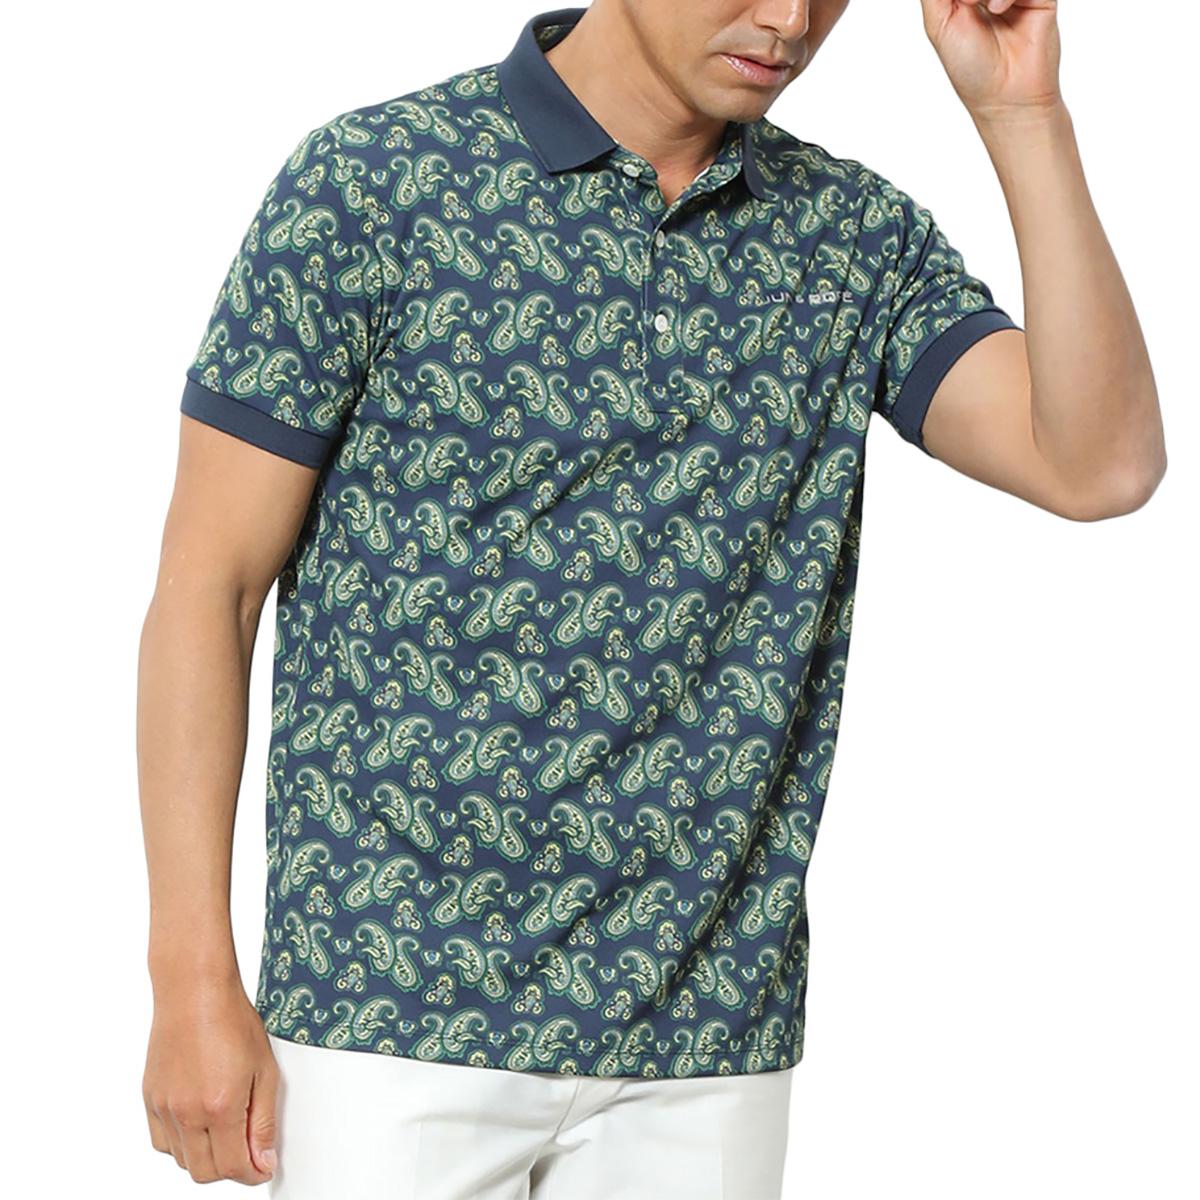 ペイズリー柄プリント半袖ポロシャツ